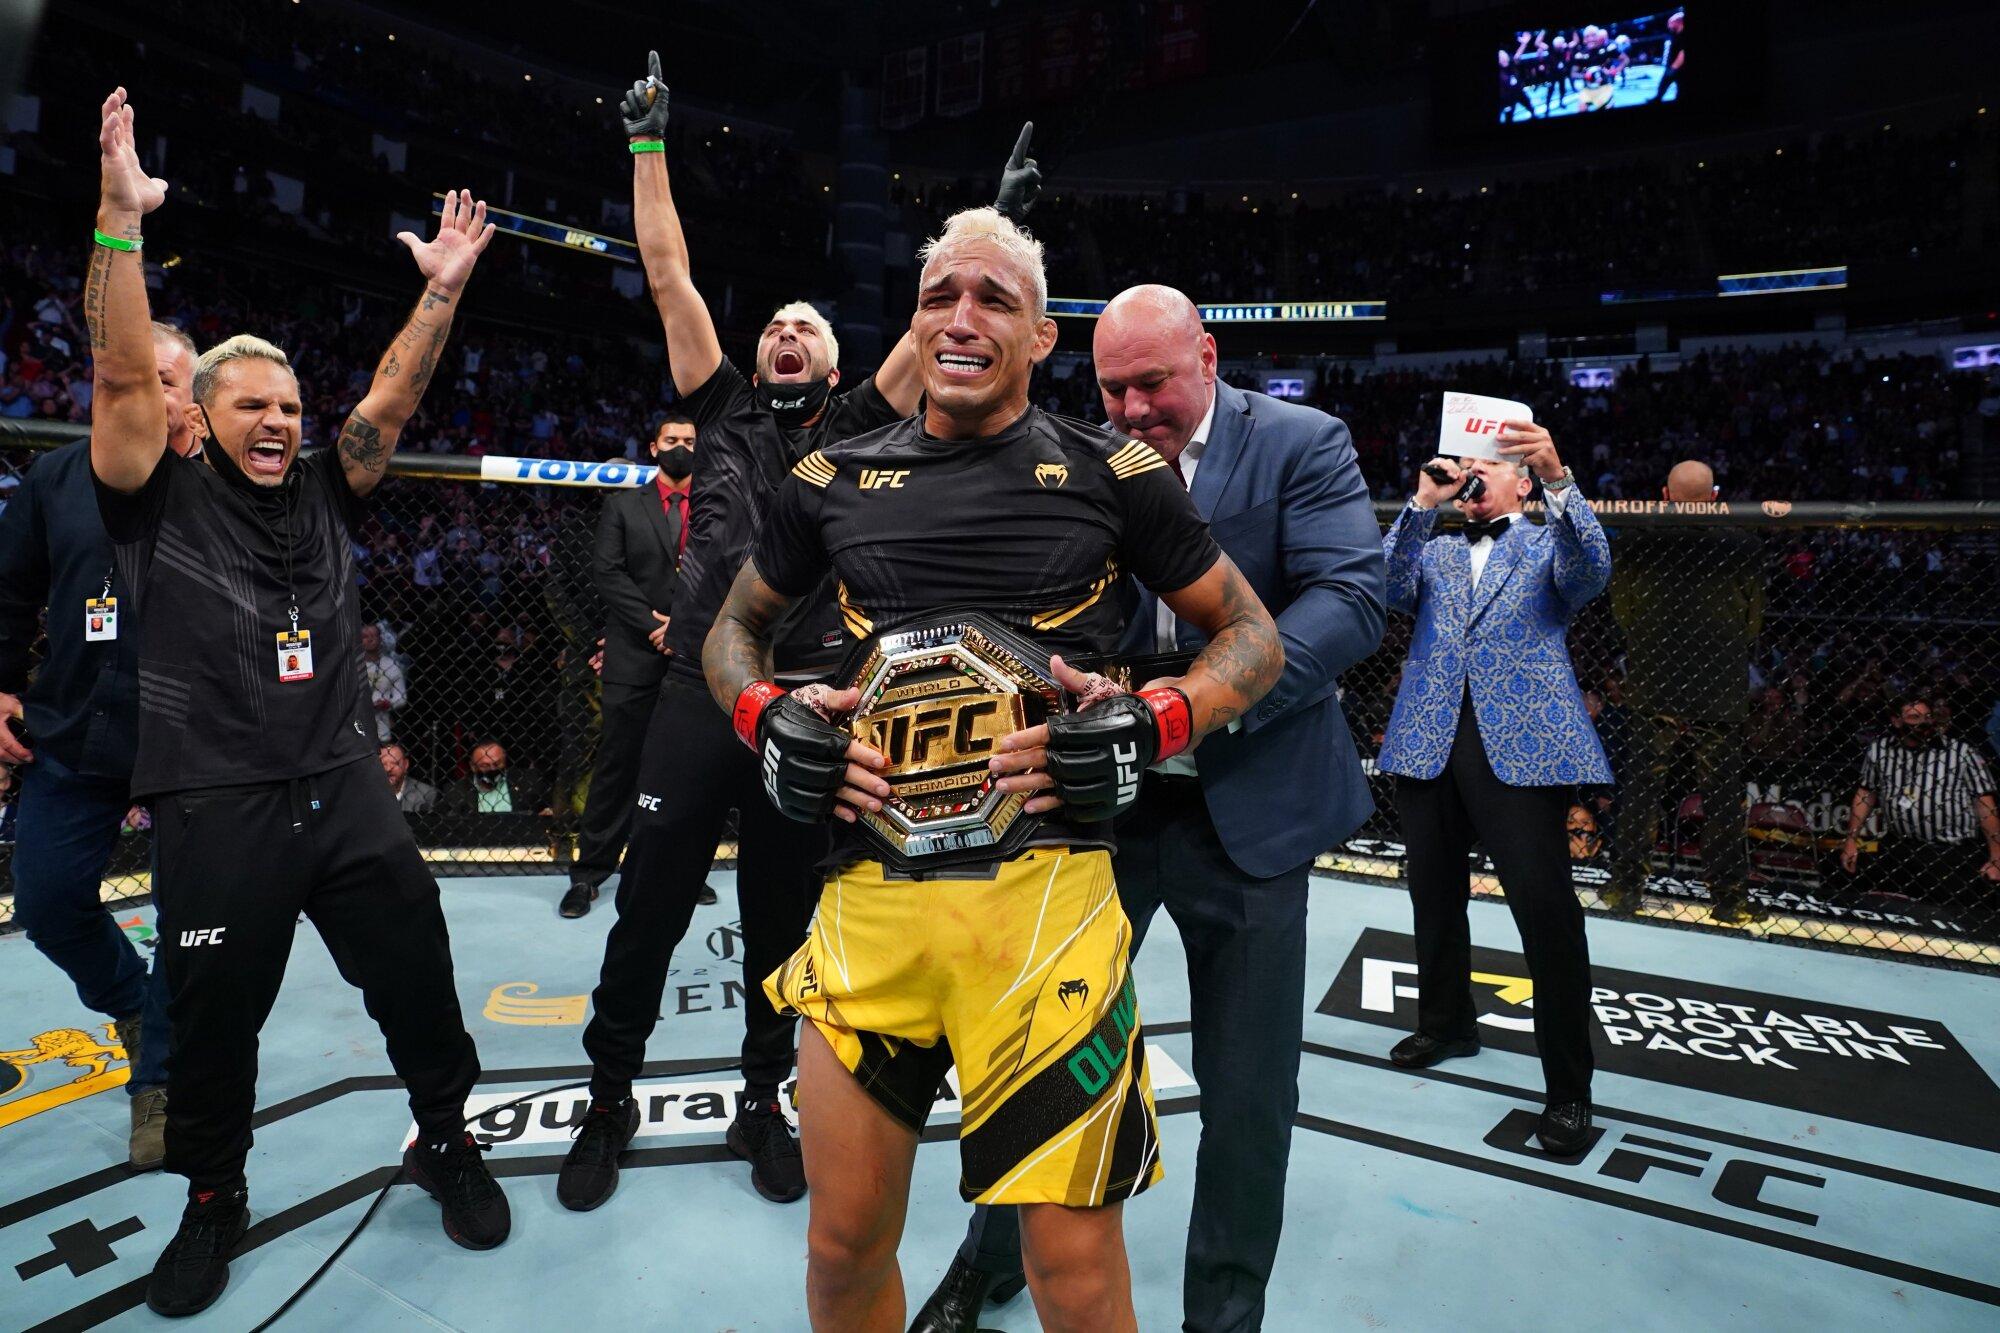 Charles Oliveria tras vencer a Michael Chandler en UFC 262.